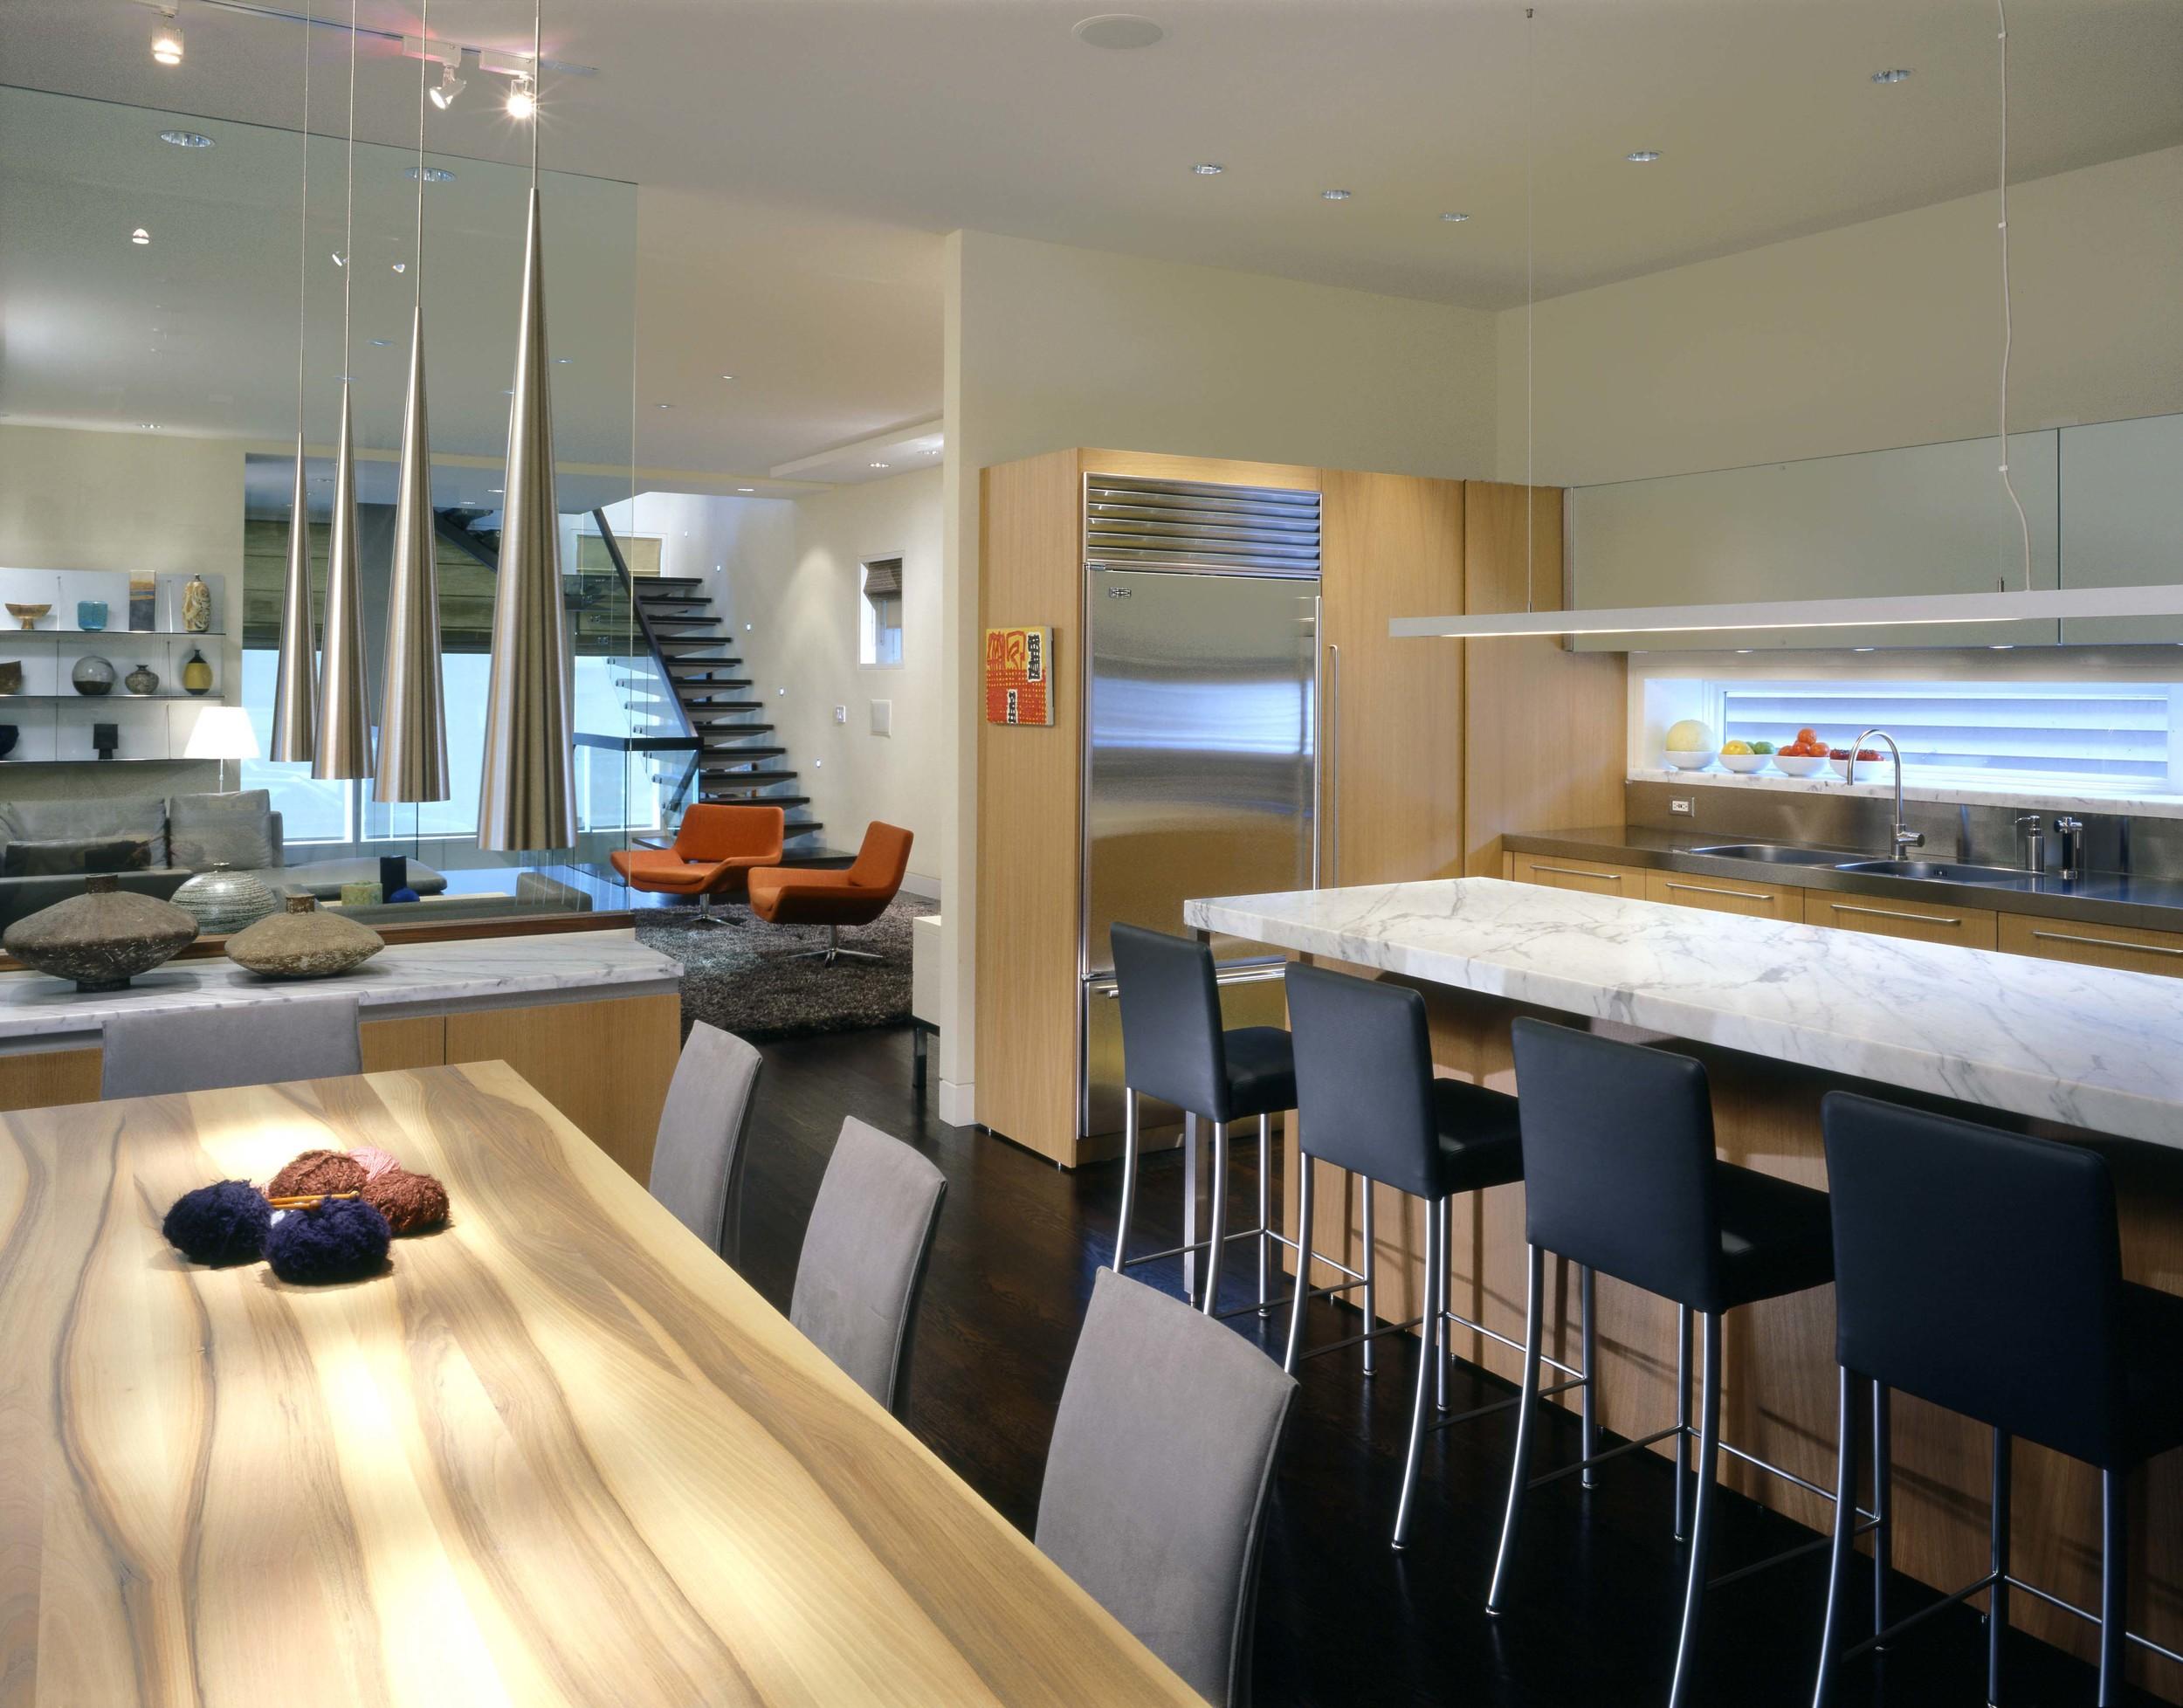 Frej Residence - Kitchen.jpg